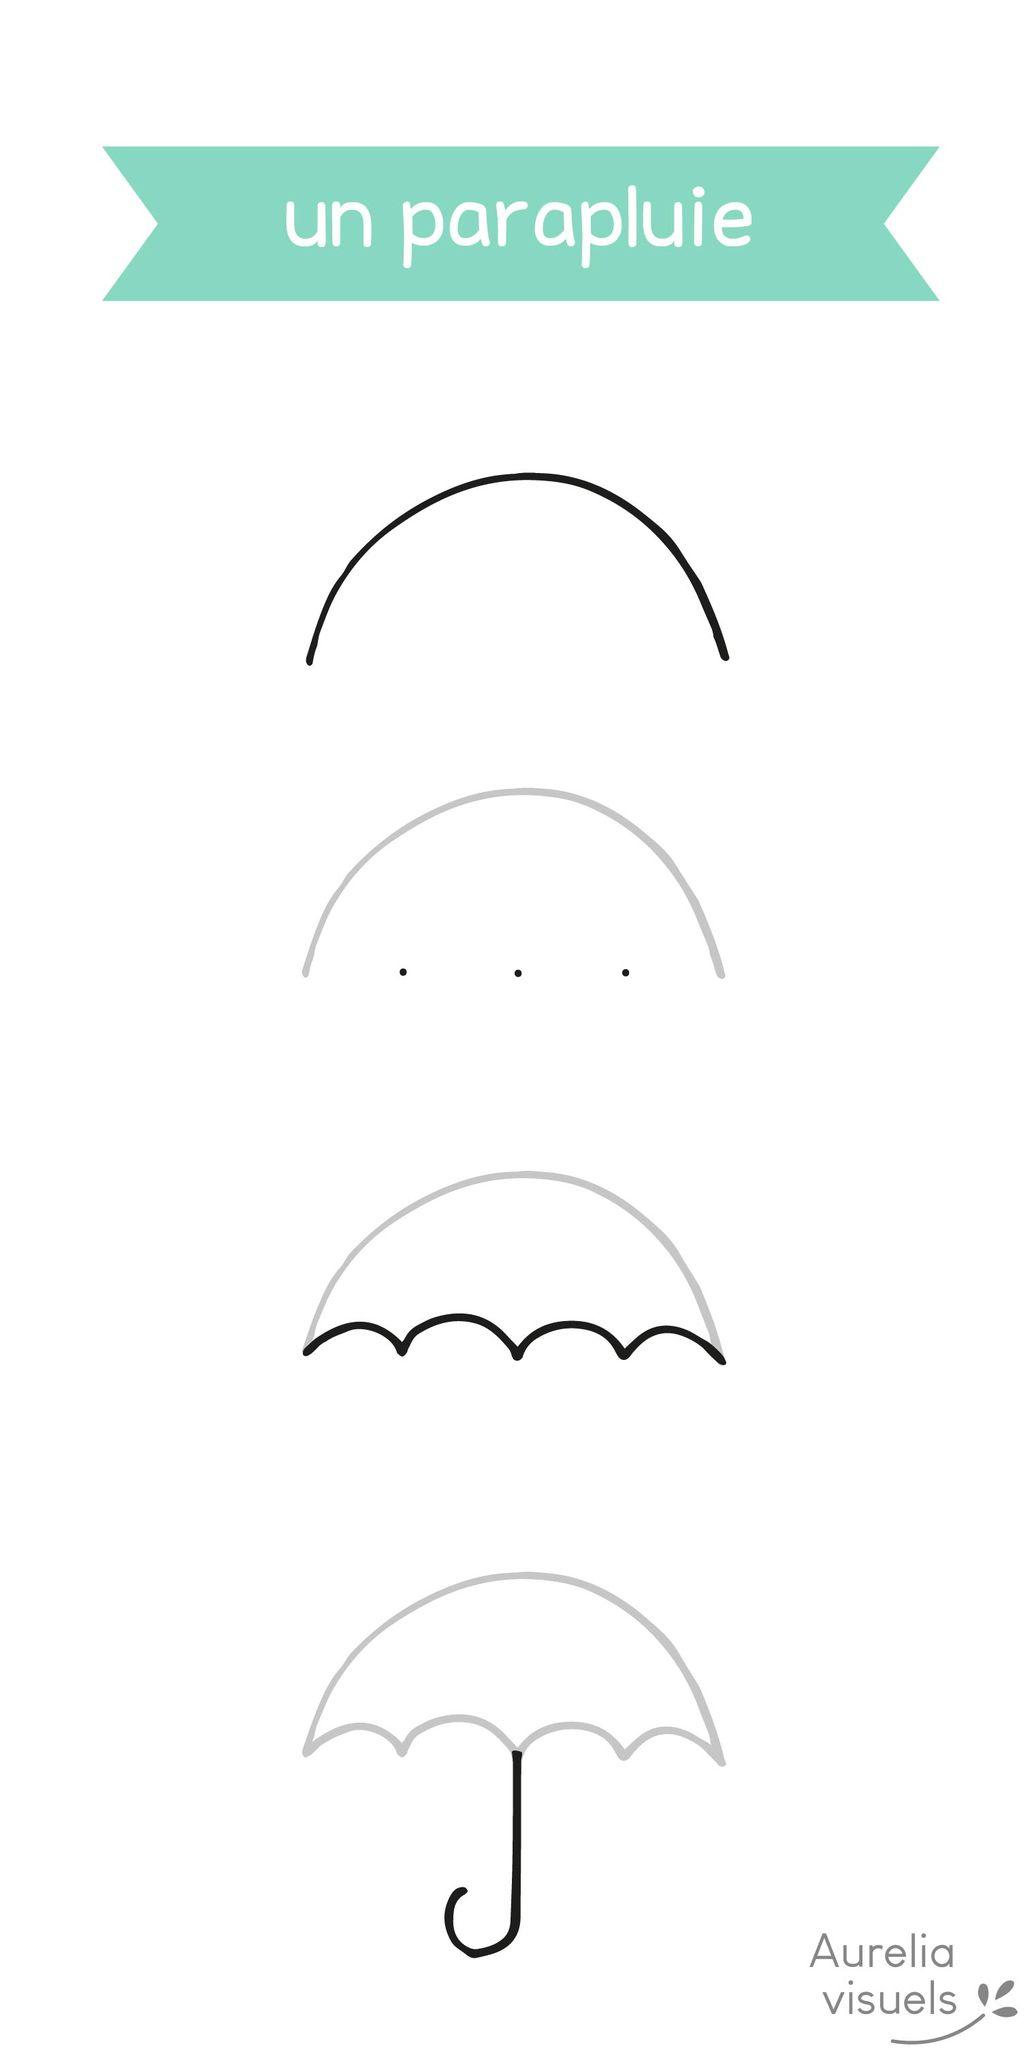 Dessiner parapluie étapes 1 aurelia visuels 01 dessins main petits dessins